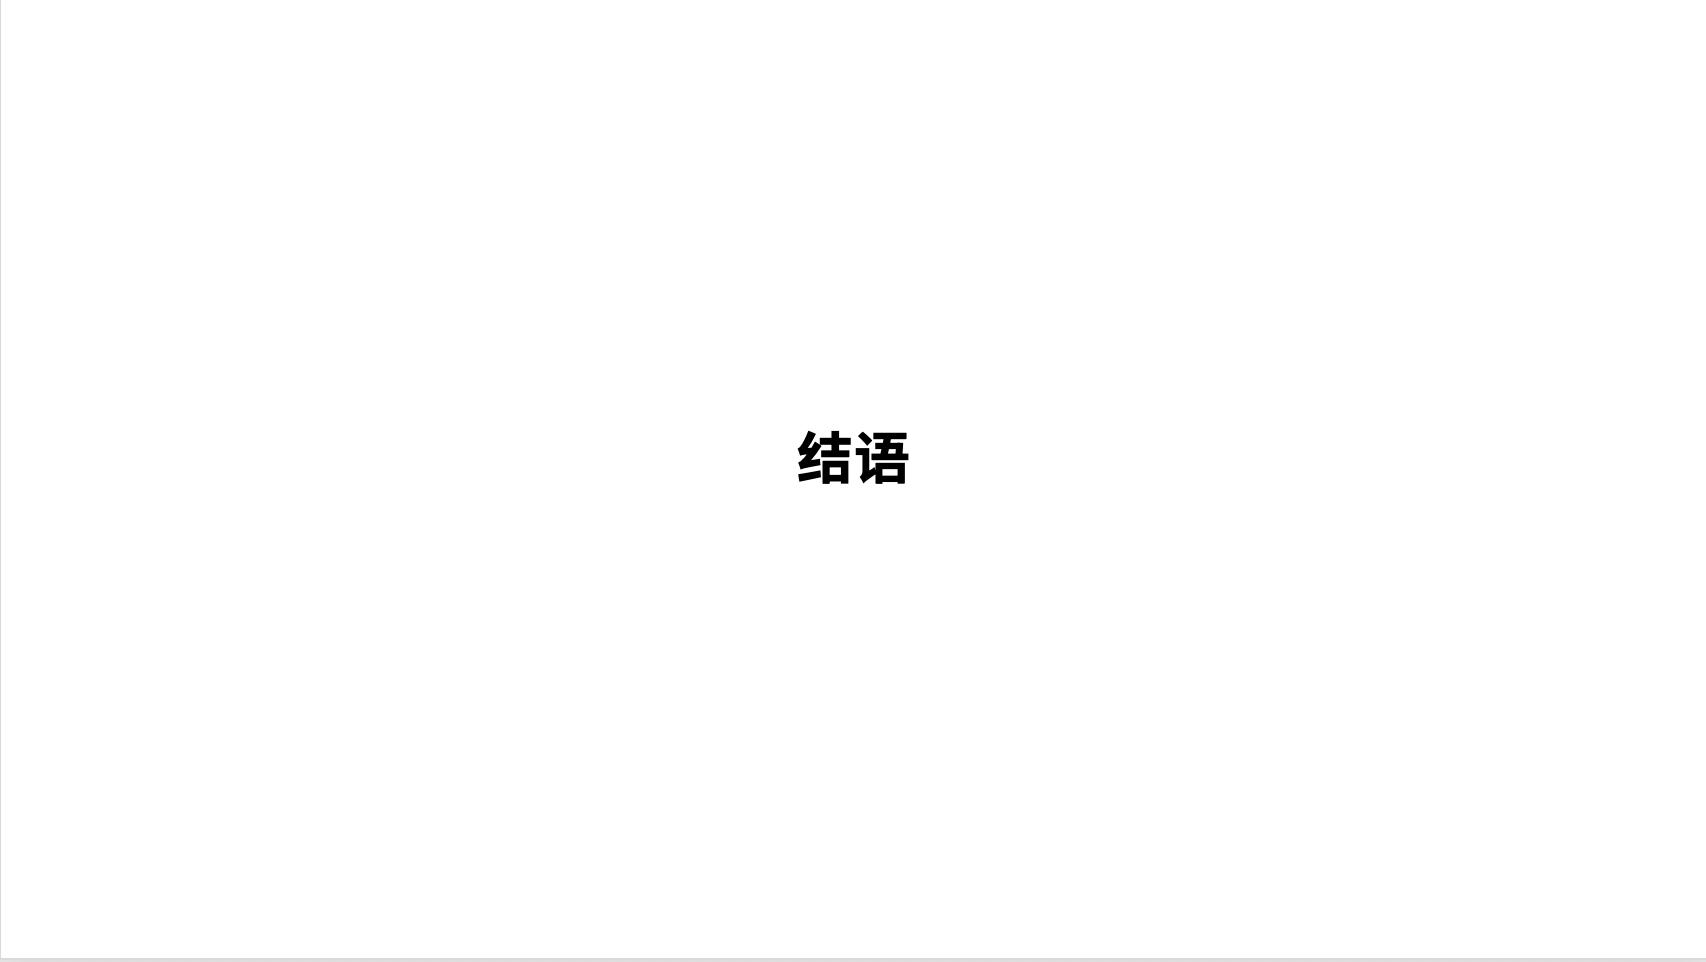 人工智能简史-08-结语